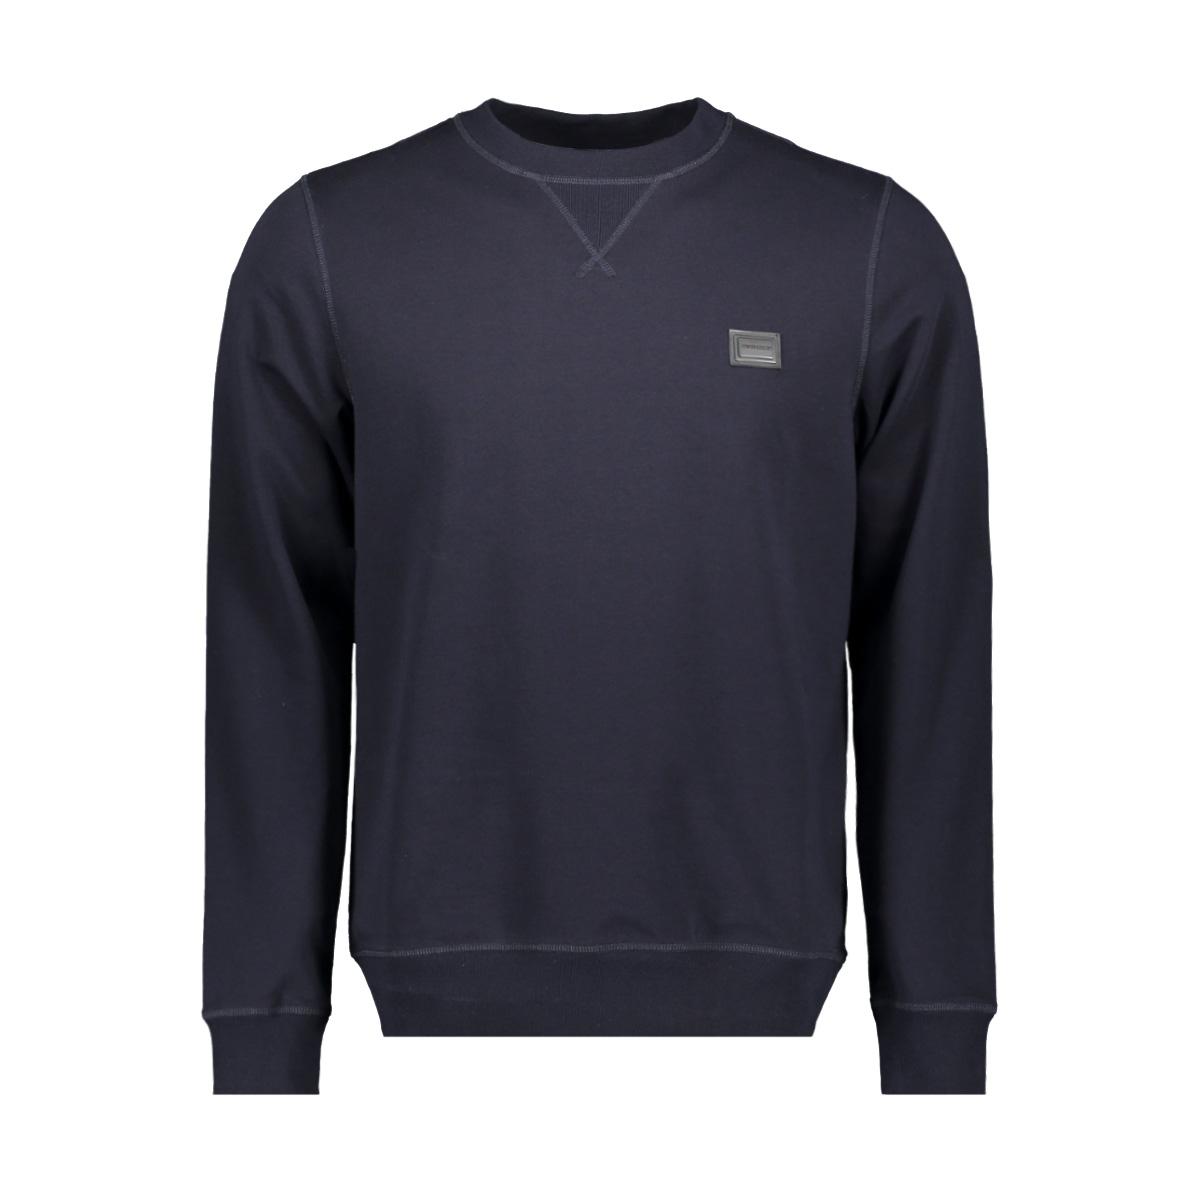 abbigliamento mmfl00415 fa150026 antony morato sweater 7066 night blue